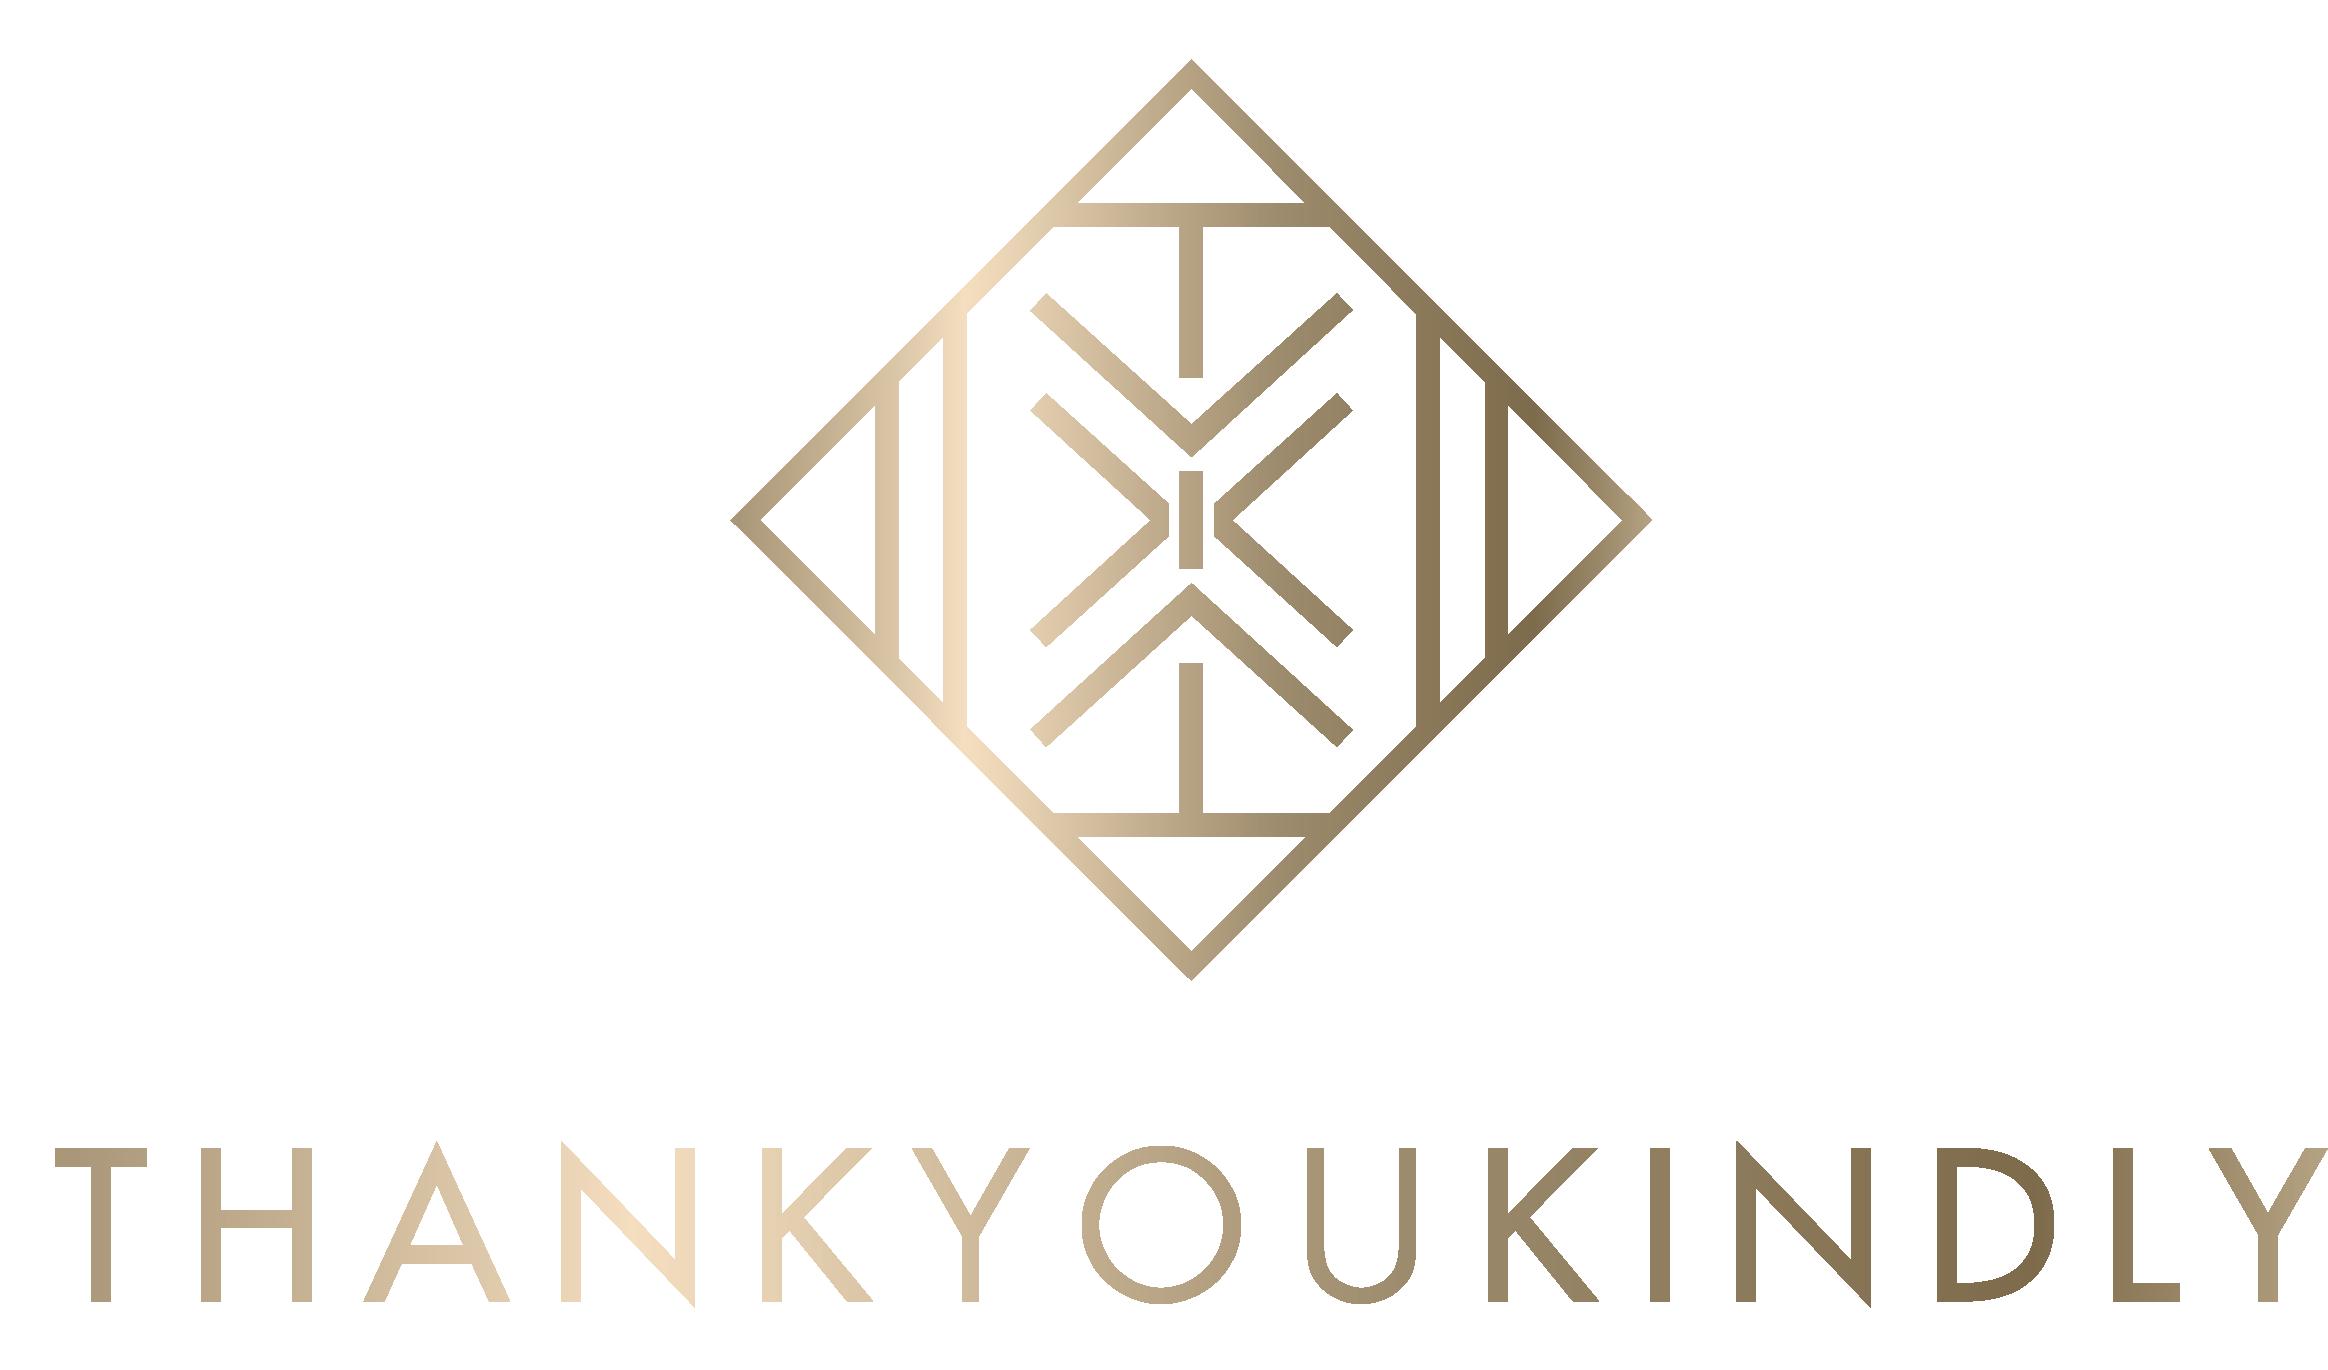 ThankYouKindly_logo